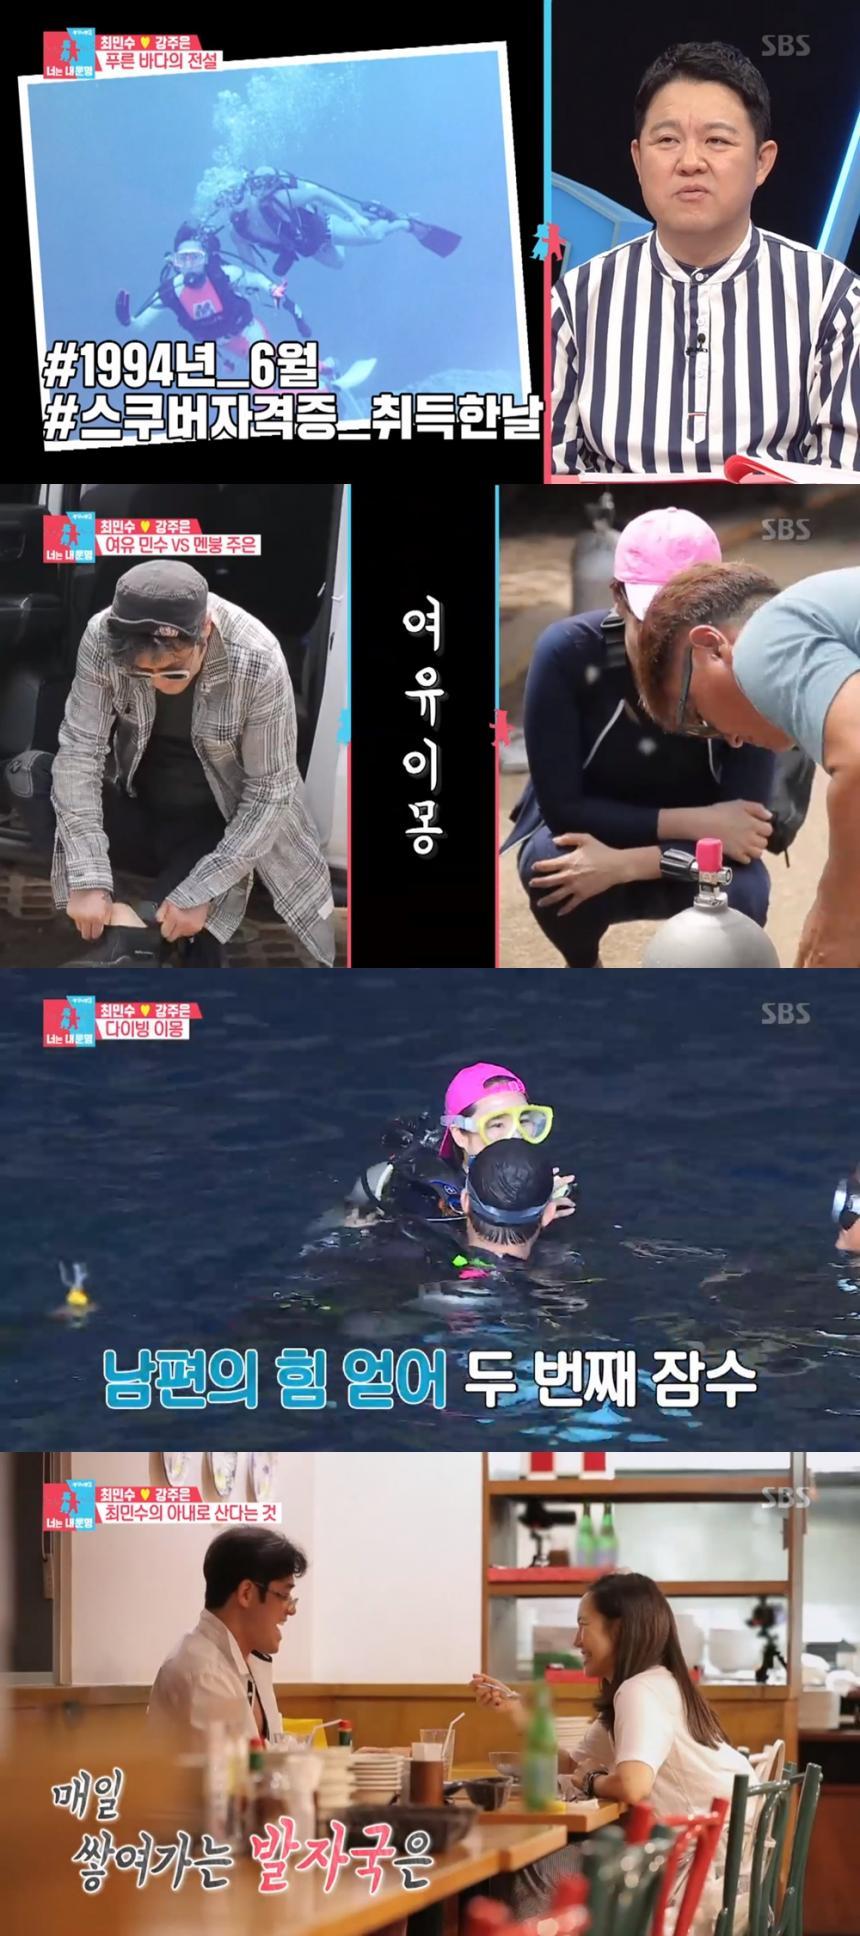 SBS '동상이몽2 너는 내운명' 방송 캡쳐